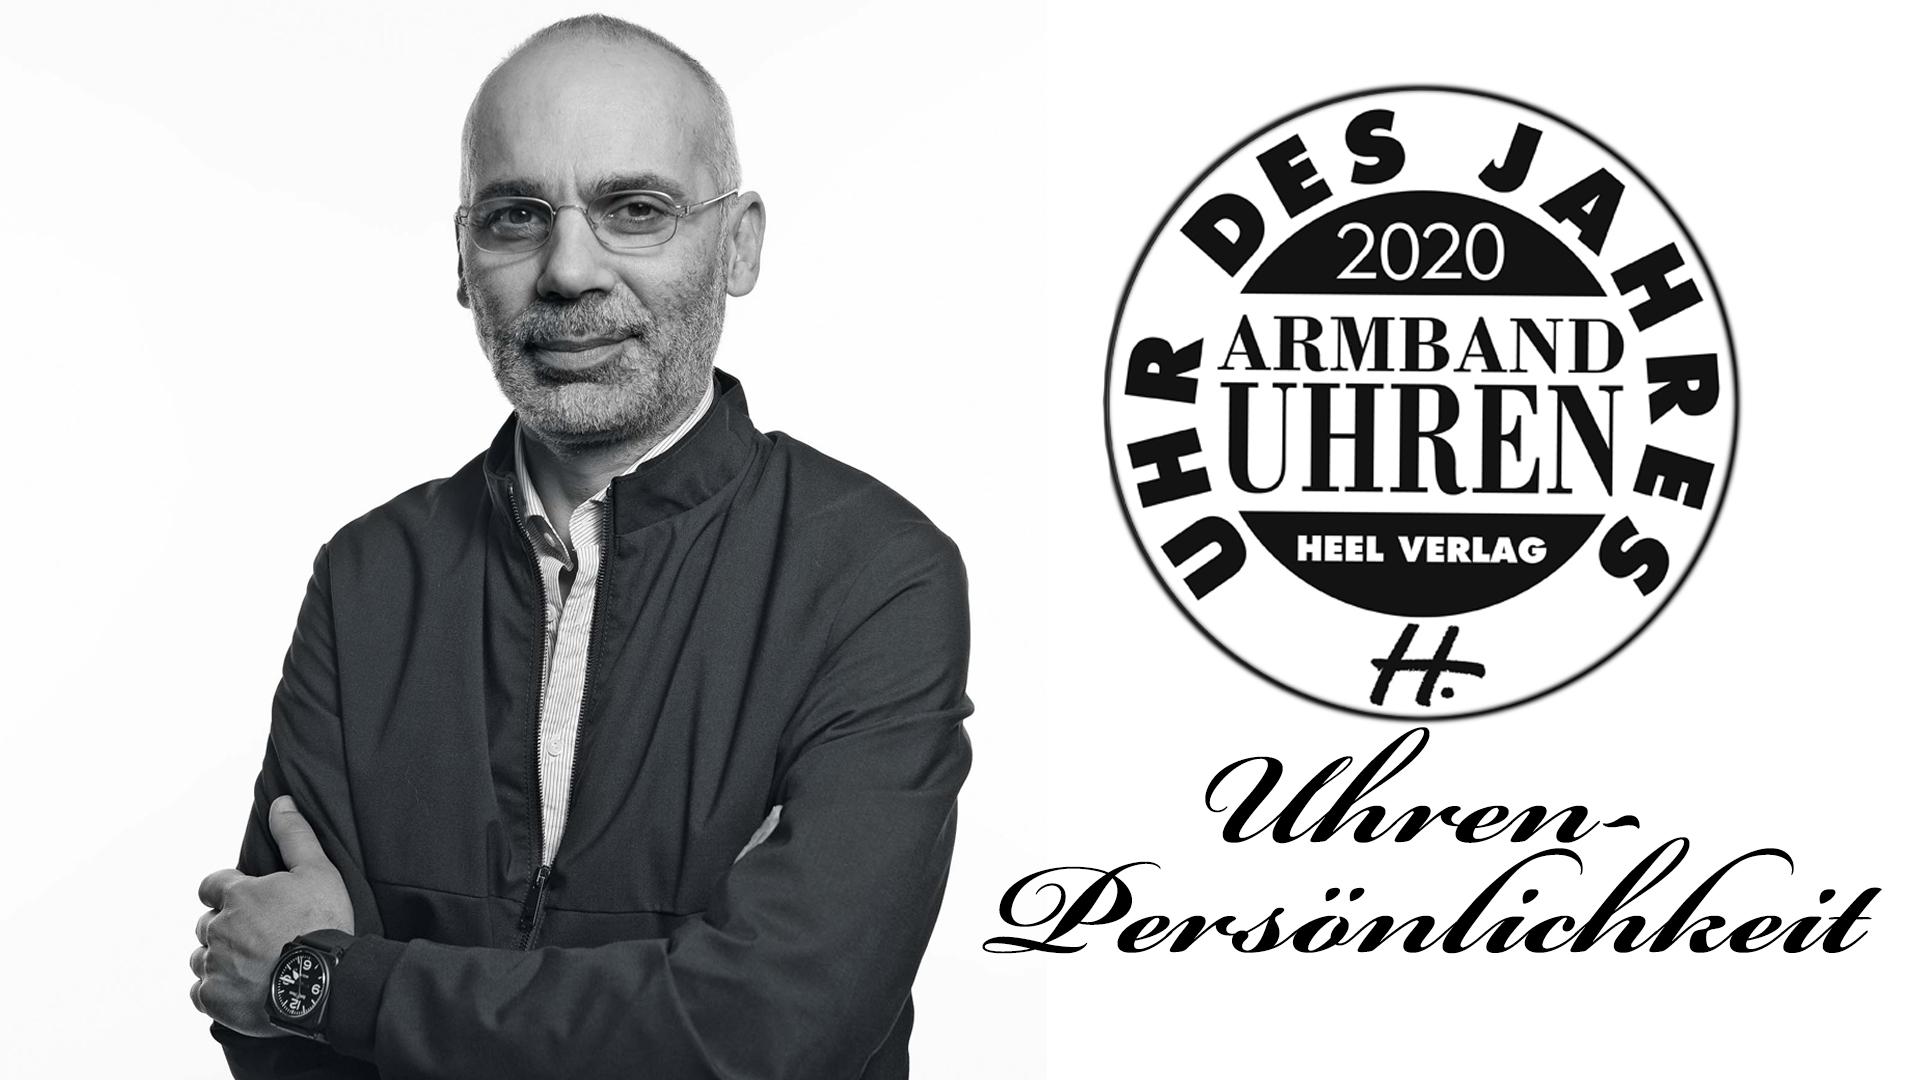 Uhr des Jahres 2020